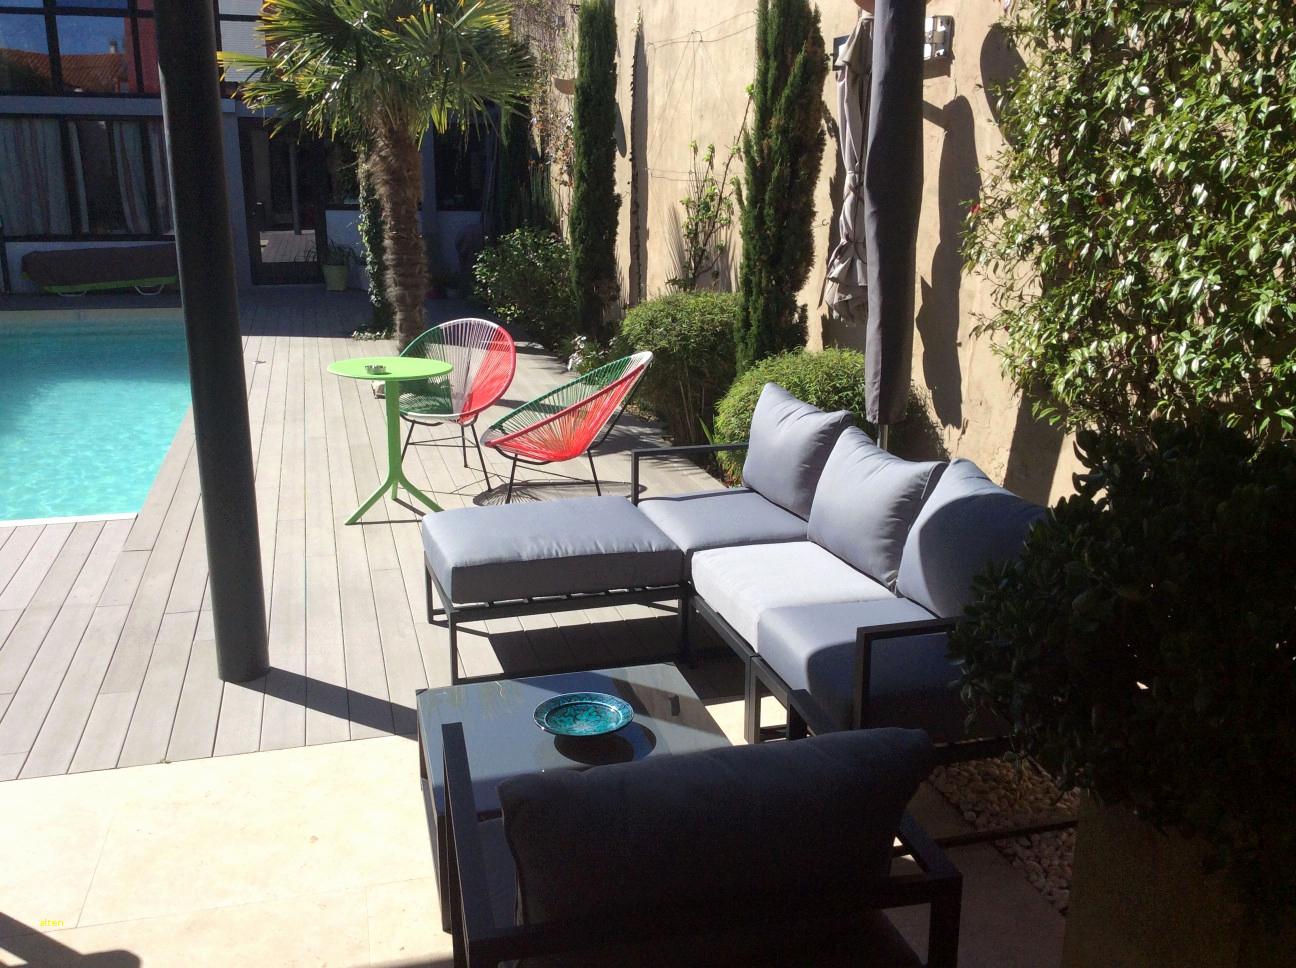 Salon De Jardin California Brico Depot Luxe Salon De Jardin ... intérieur Salon De Jardin Brico Depot